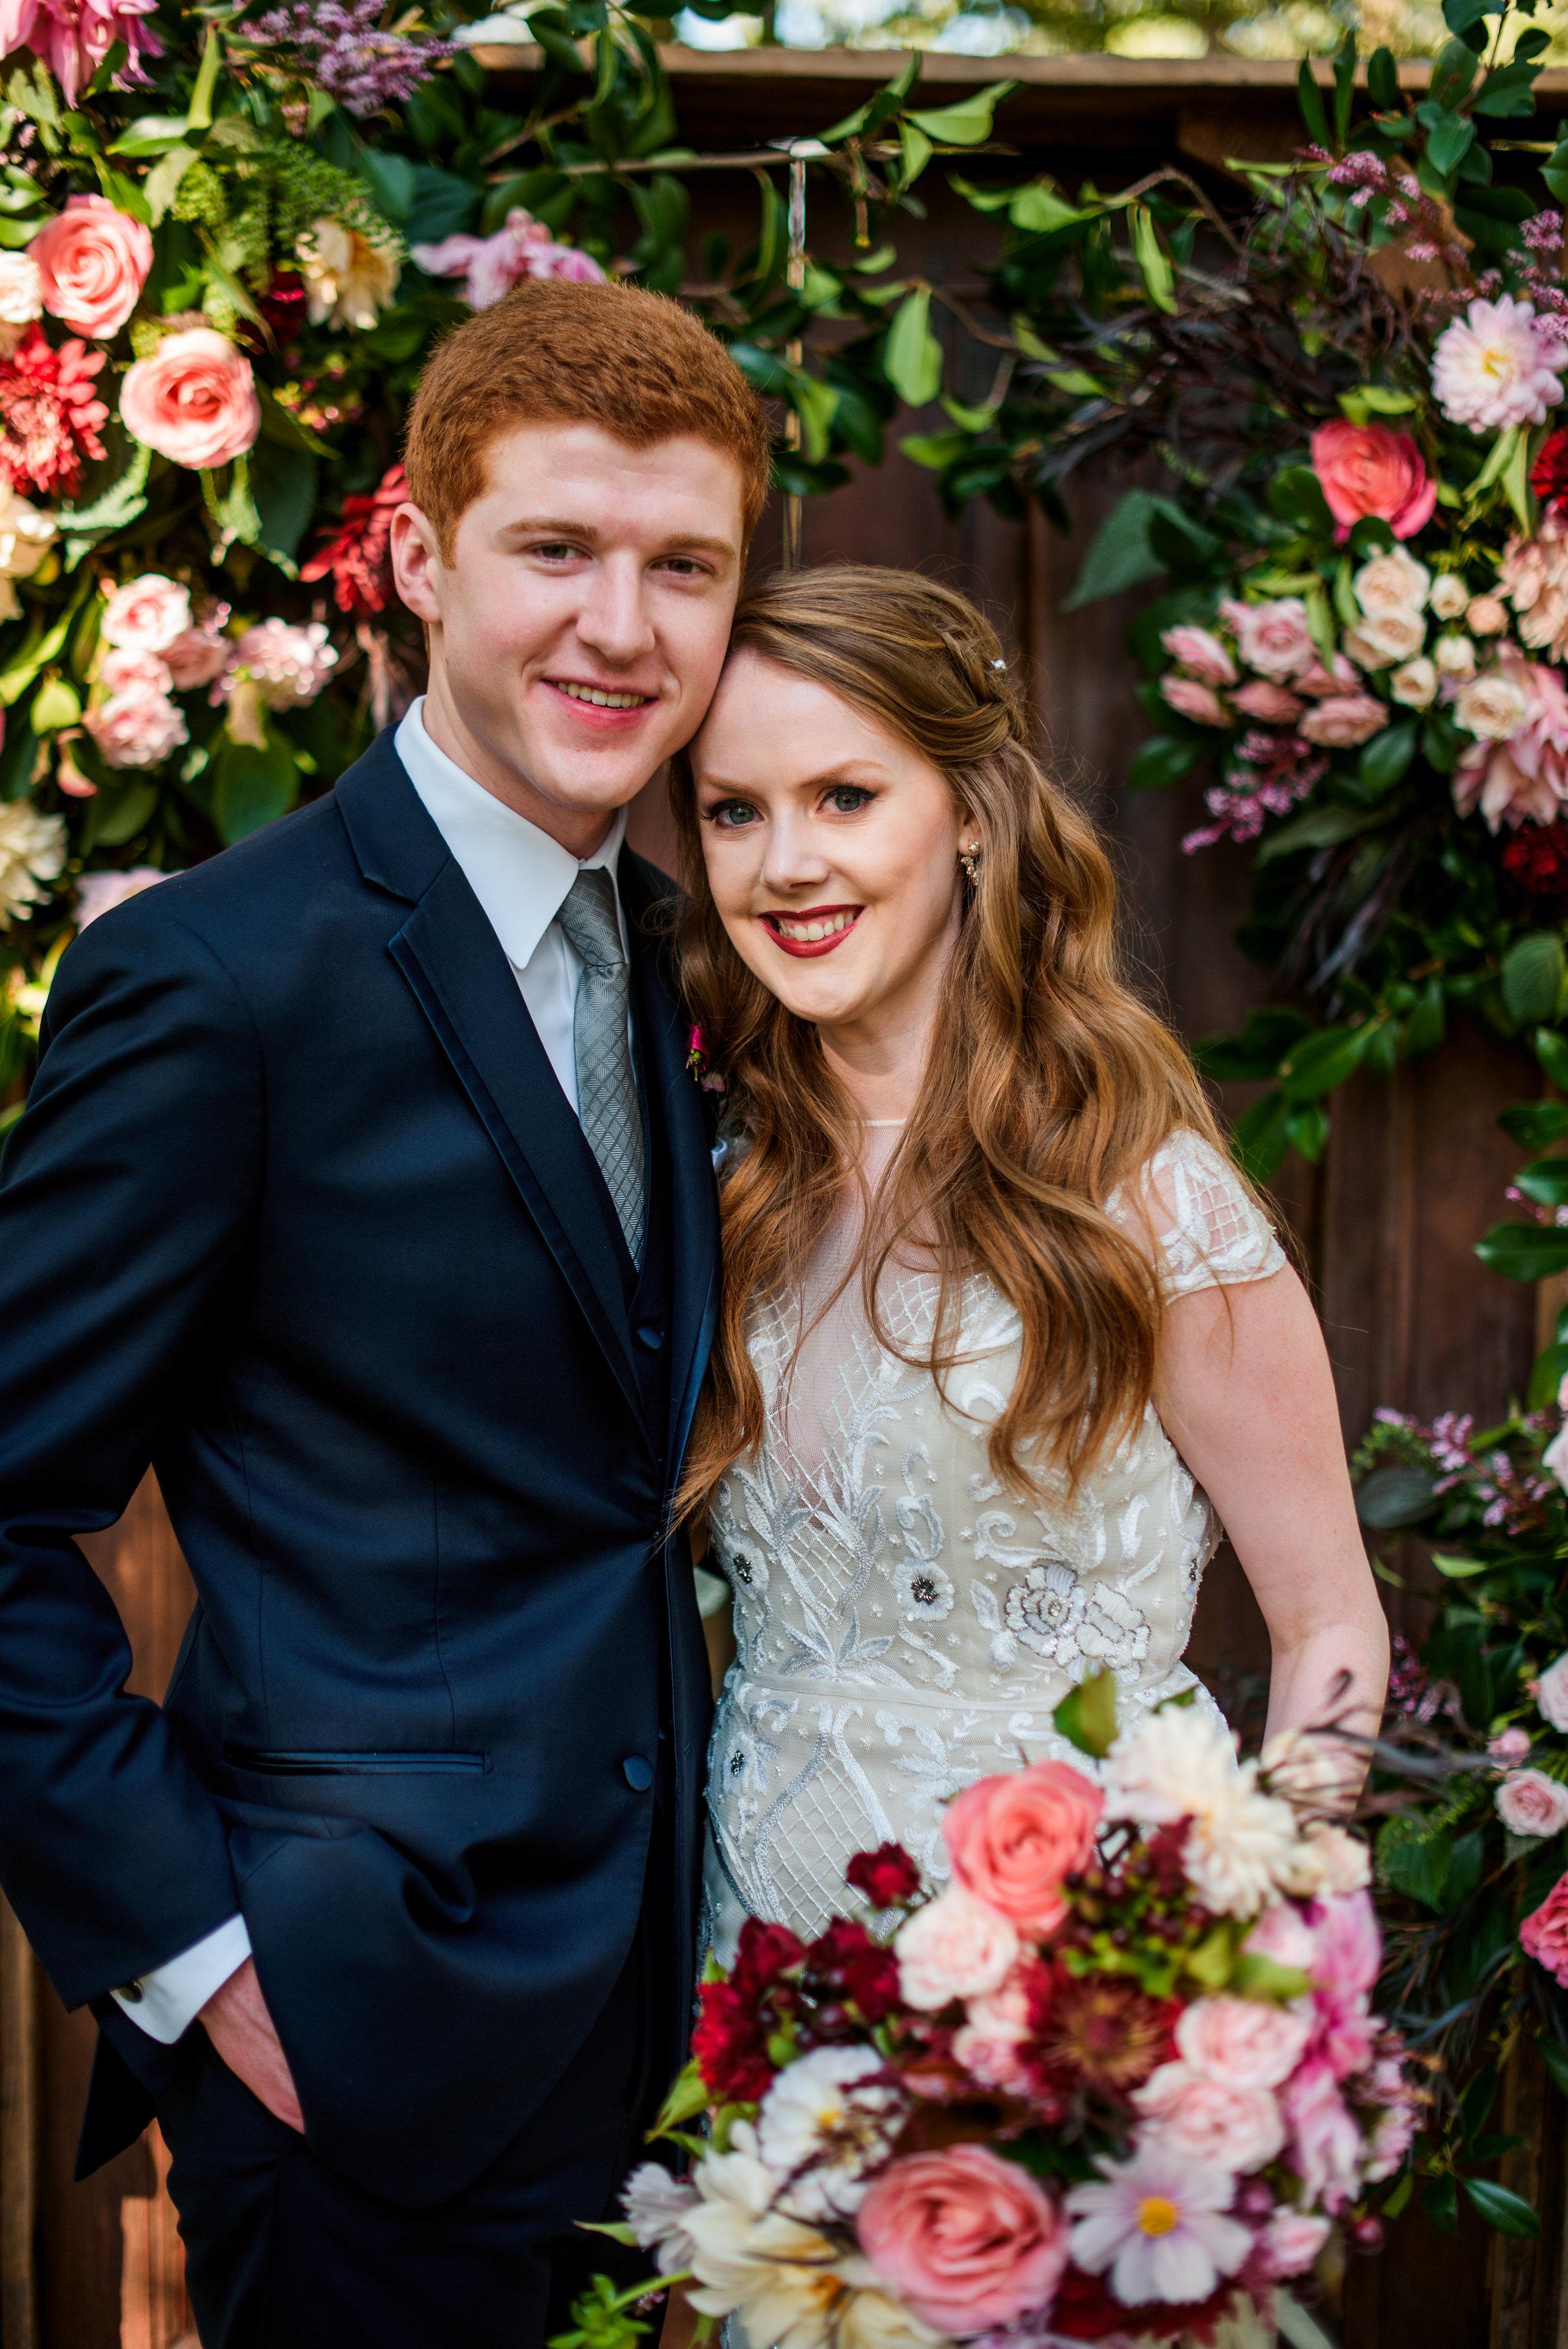 Wrens-Nest-Wedding-Murfreesboro-TN 25.jpg